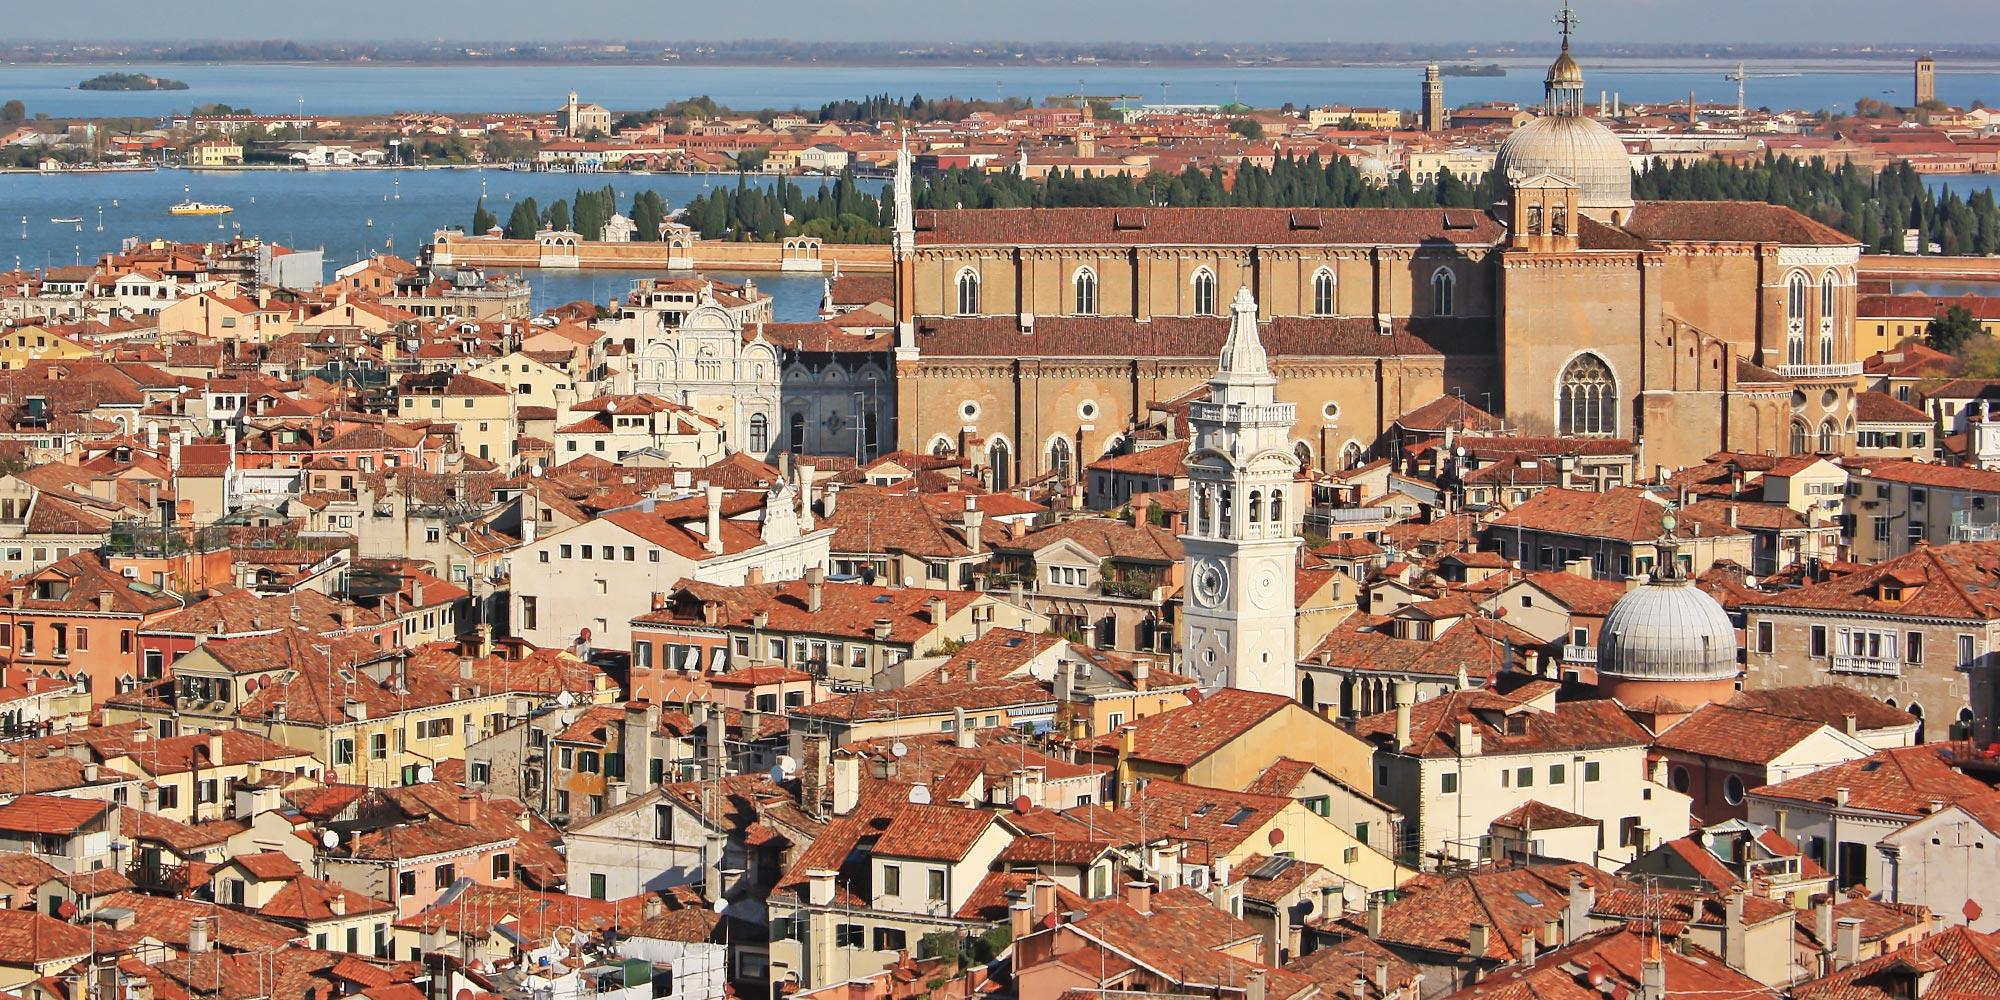 ItalyVeniceRooftops